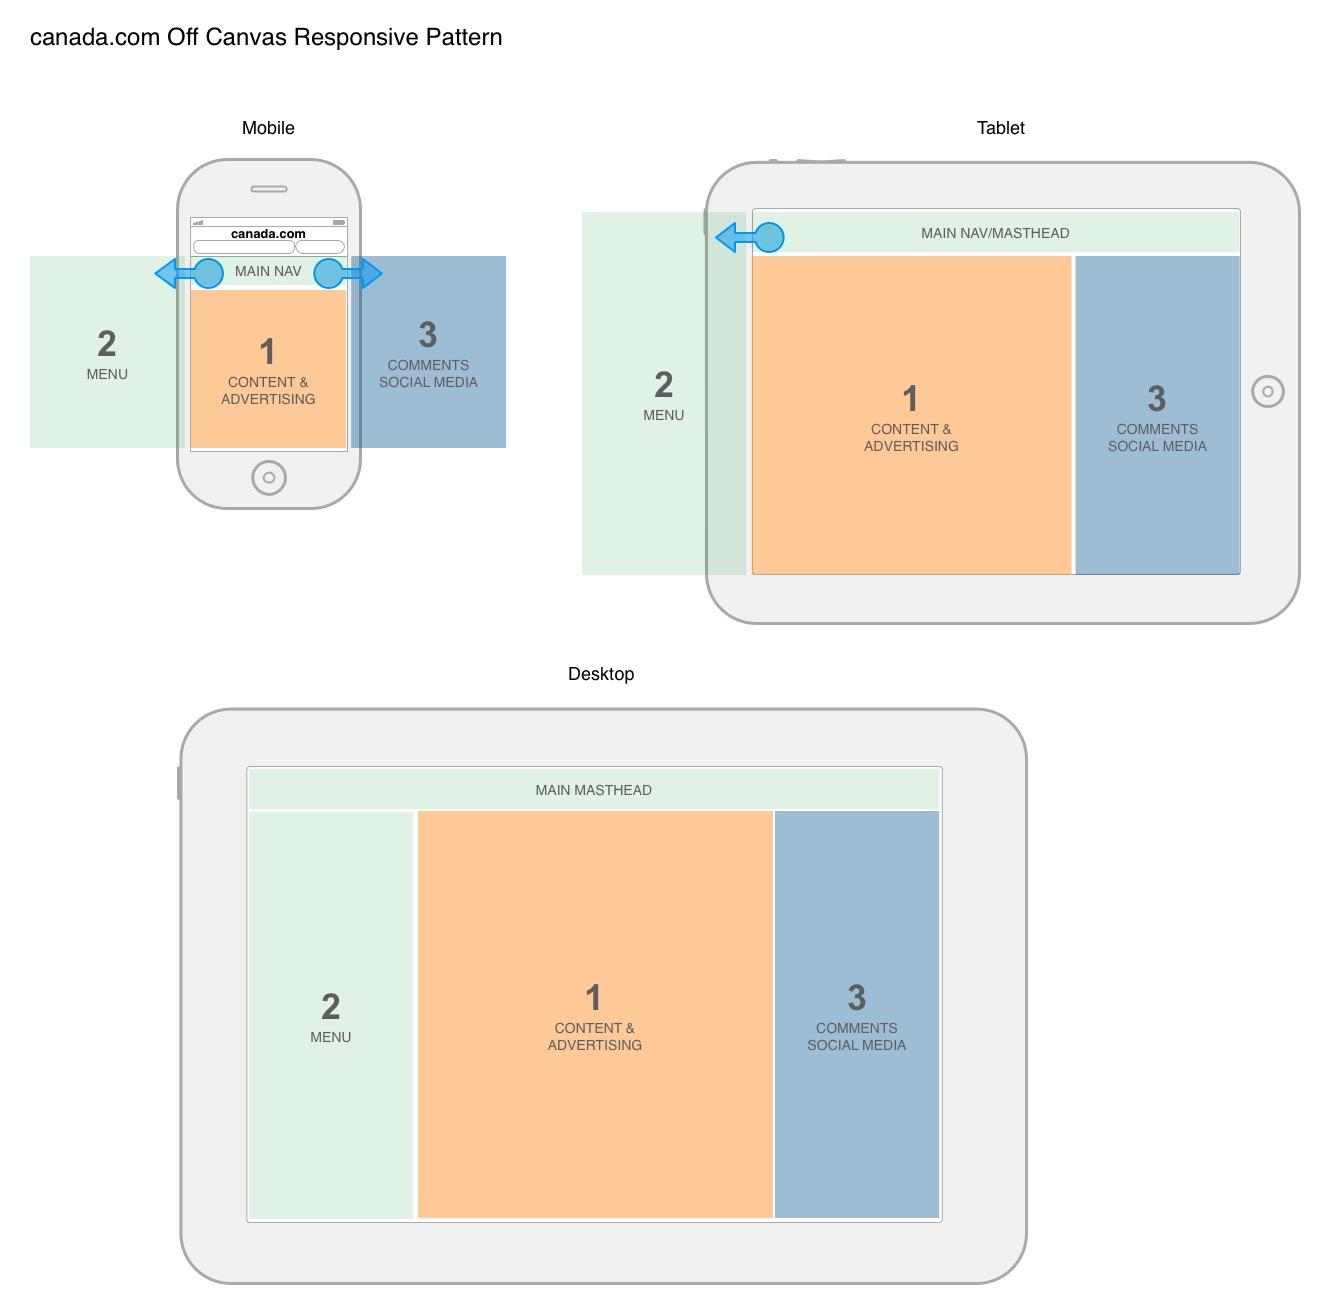 Off-canvas Responsive Framework for canada.com